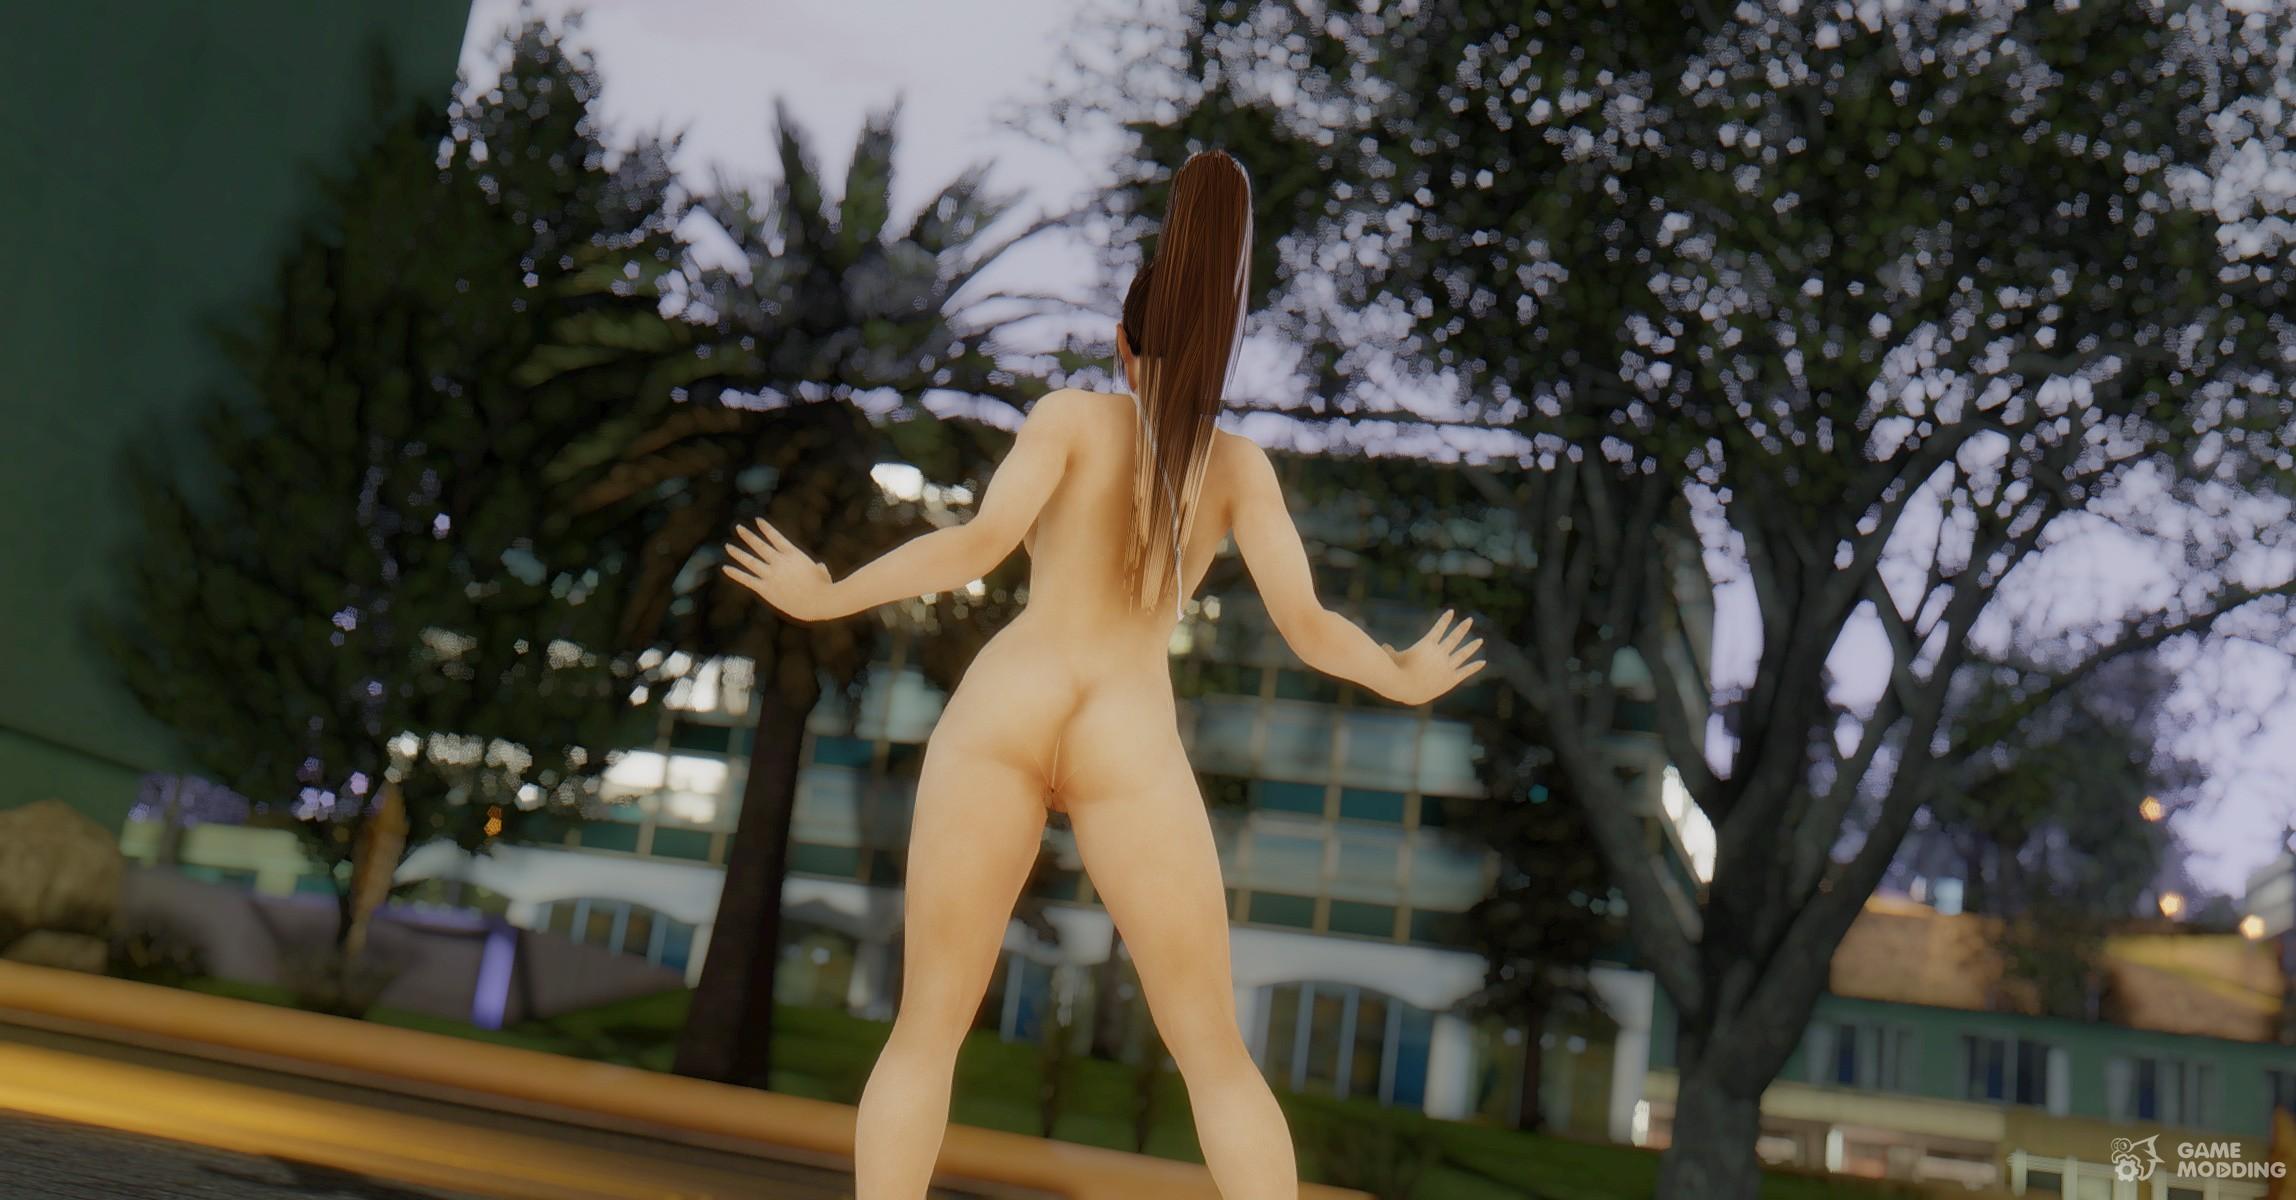 daughter dad blowjob pic porn